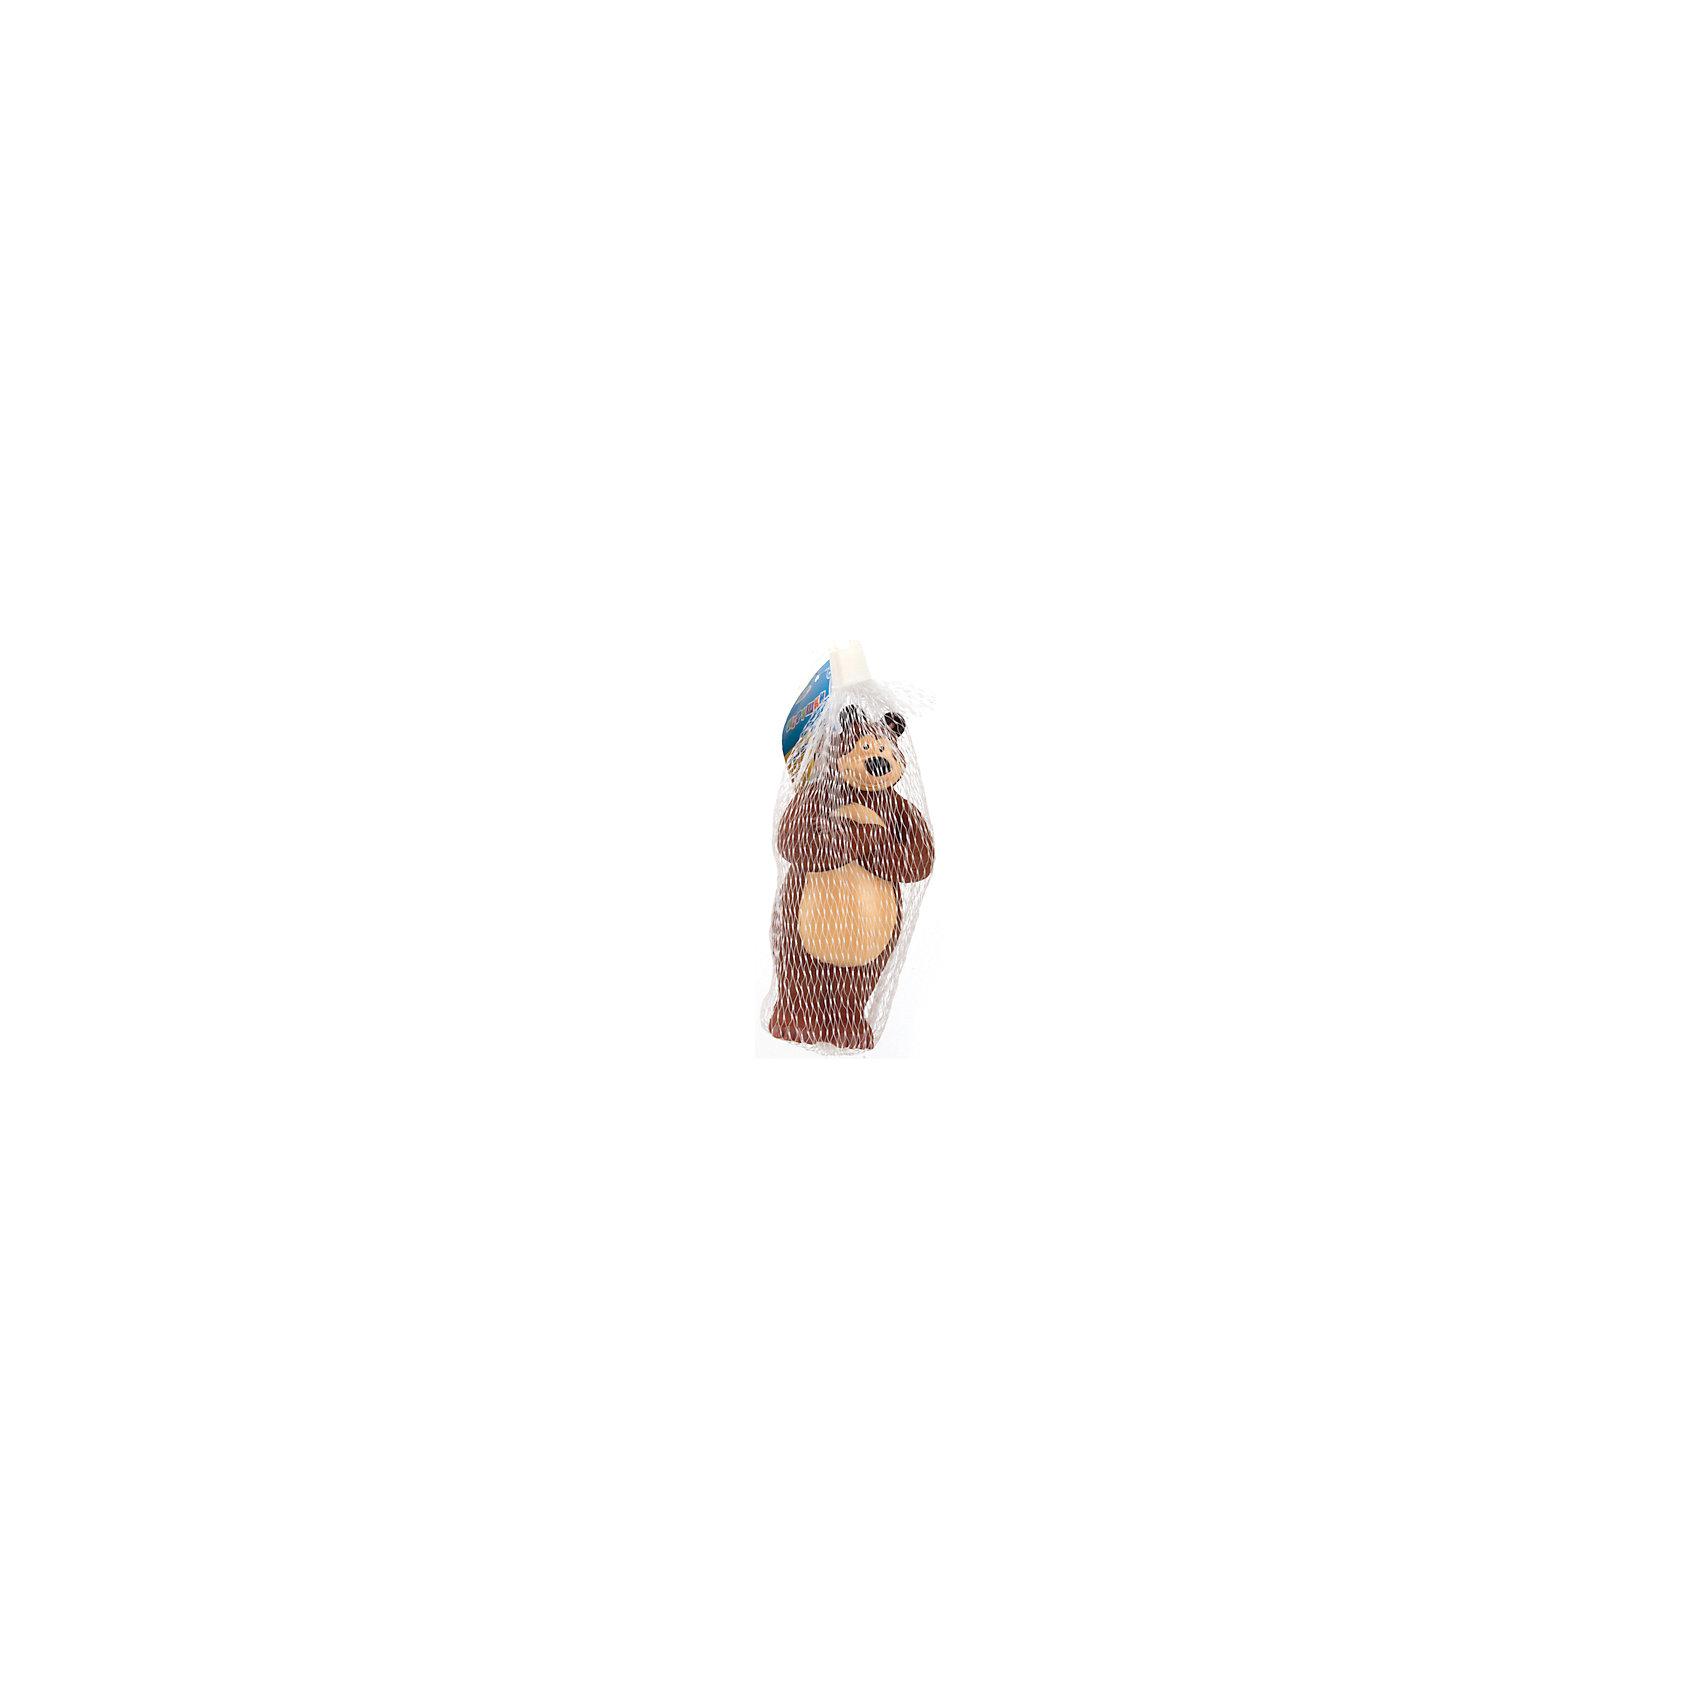 Фигурка для ванной  Маша и Медведь. Медведь, Играем ВместеИгрушки ПВХ<br><br><br>Ширина мм: 60<br>Глубина мм: 50<br>Высота мм: 200<br>Вес г: 60<br>Возраст от месяцев: 12<br>Возраст до месяцев: 60<br>Пол: Унисекс<br>Возраст: Детский<br>SKU: 6848807